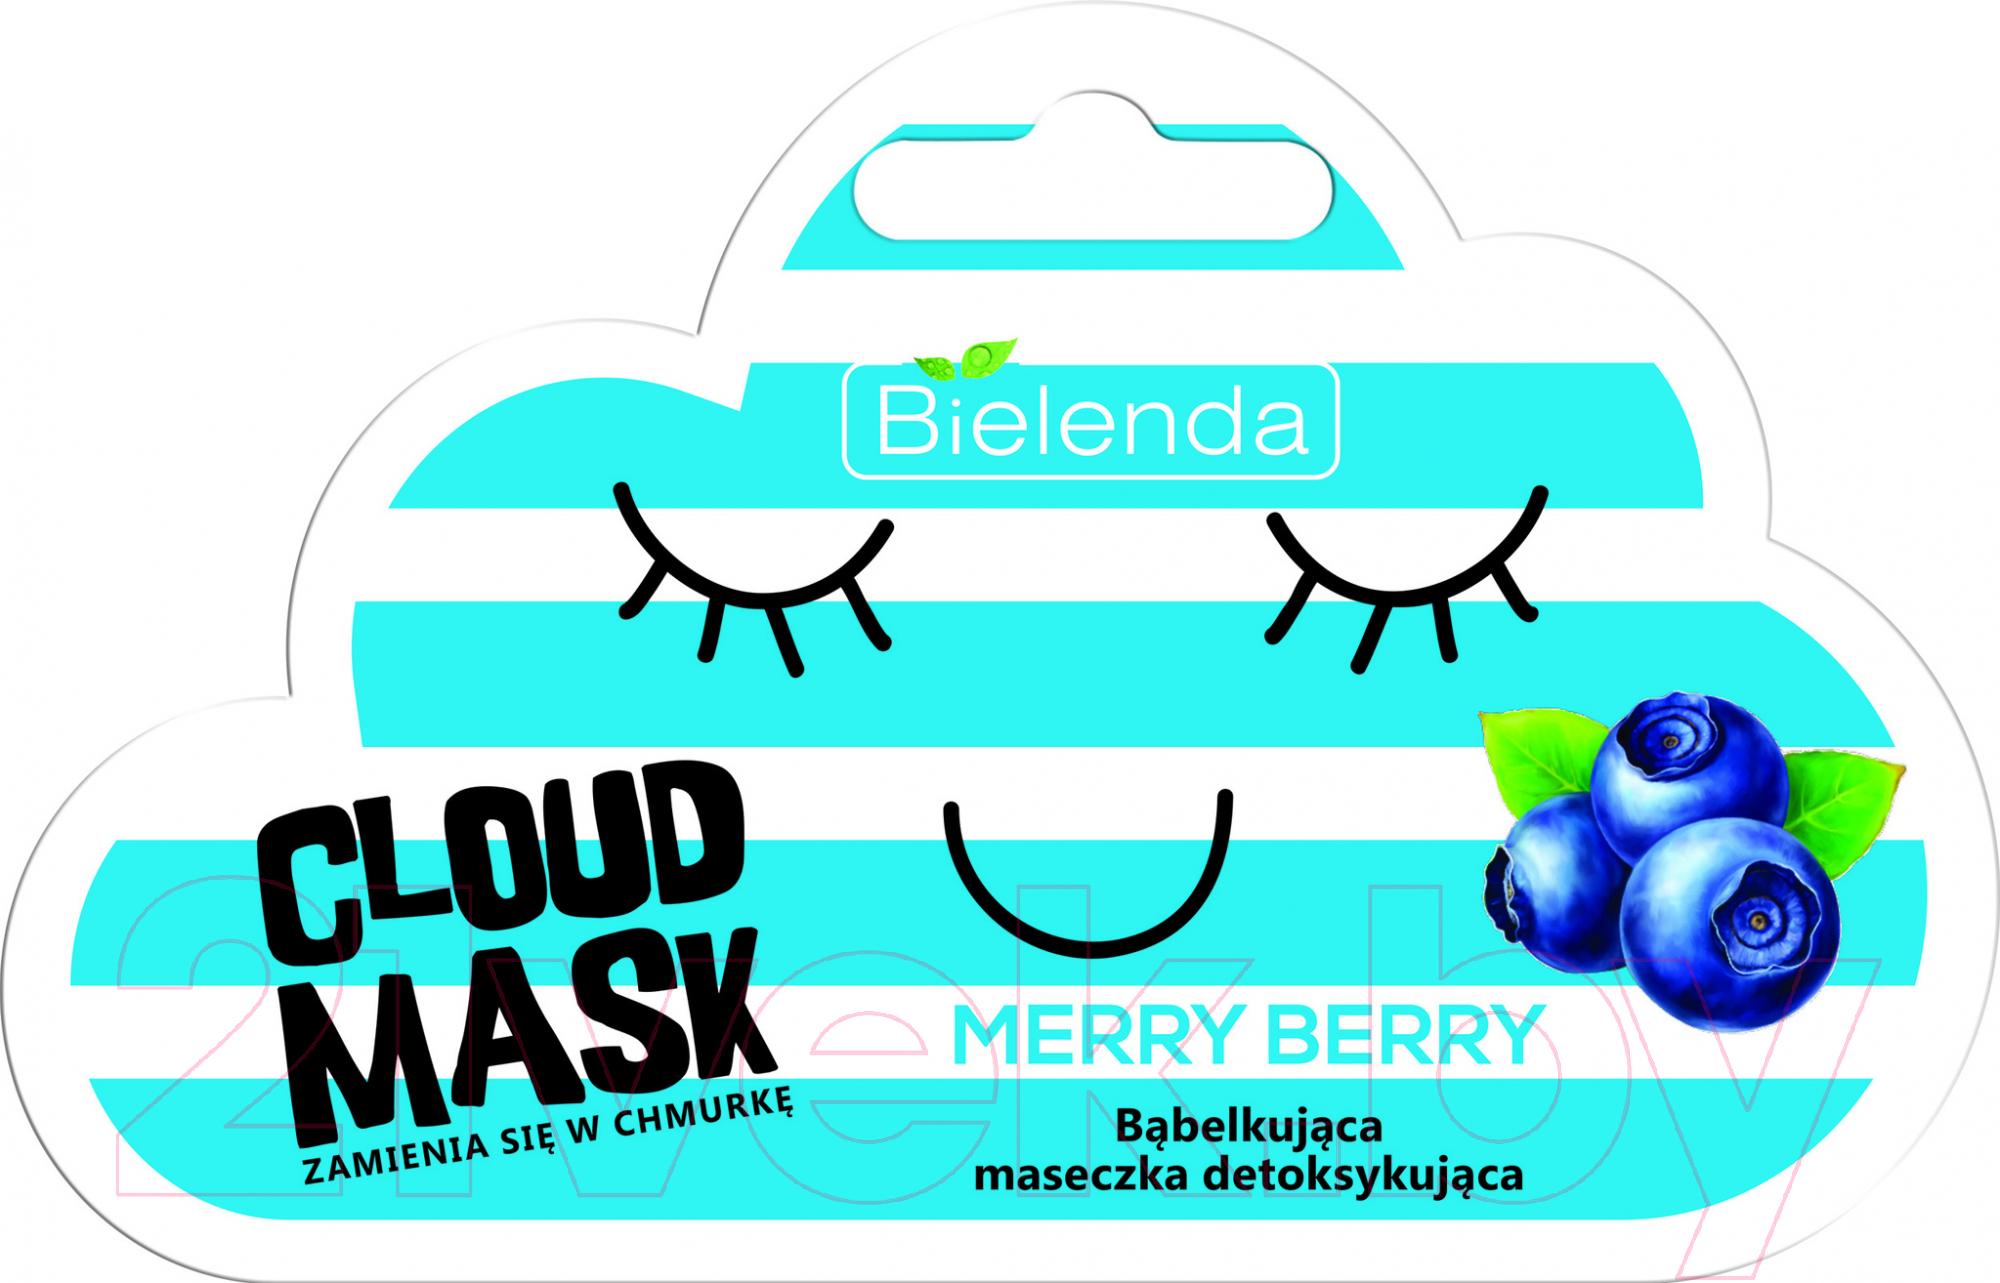 Купить Маска для лица кремовая Bielenda, Cloud Mask Merry Berry детоксифицирующая кислородная (6г), Польша, Cloud mask (Bielenda)